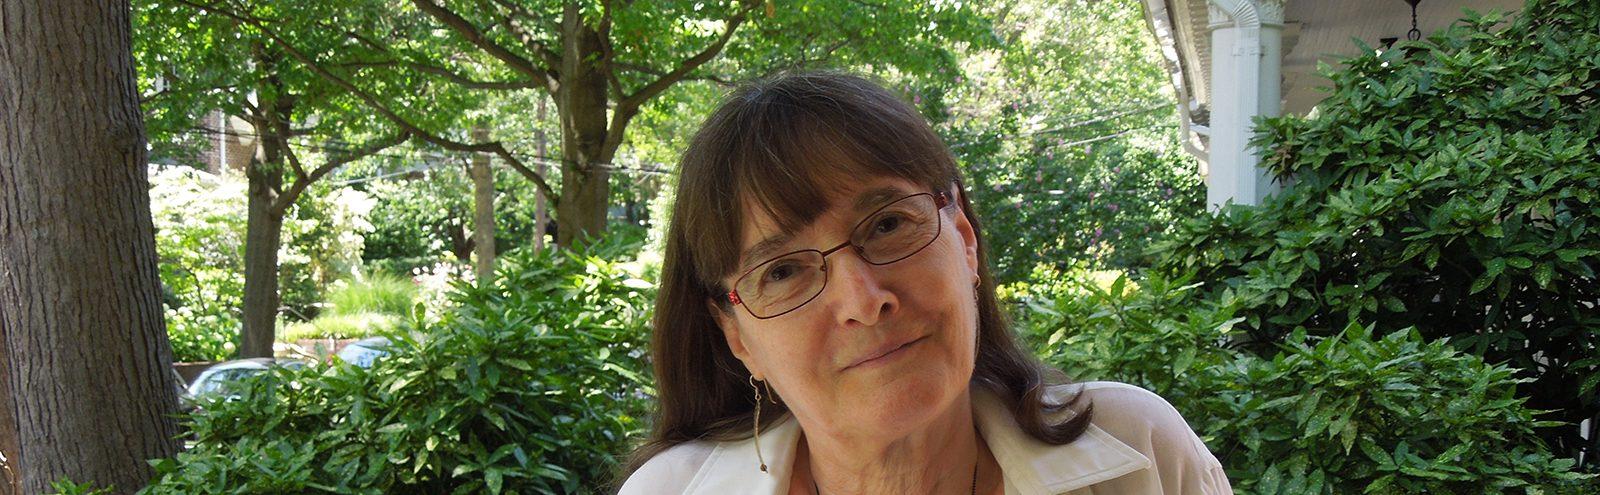 Northland College alum Patricia E. Ortman, class of 1971